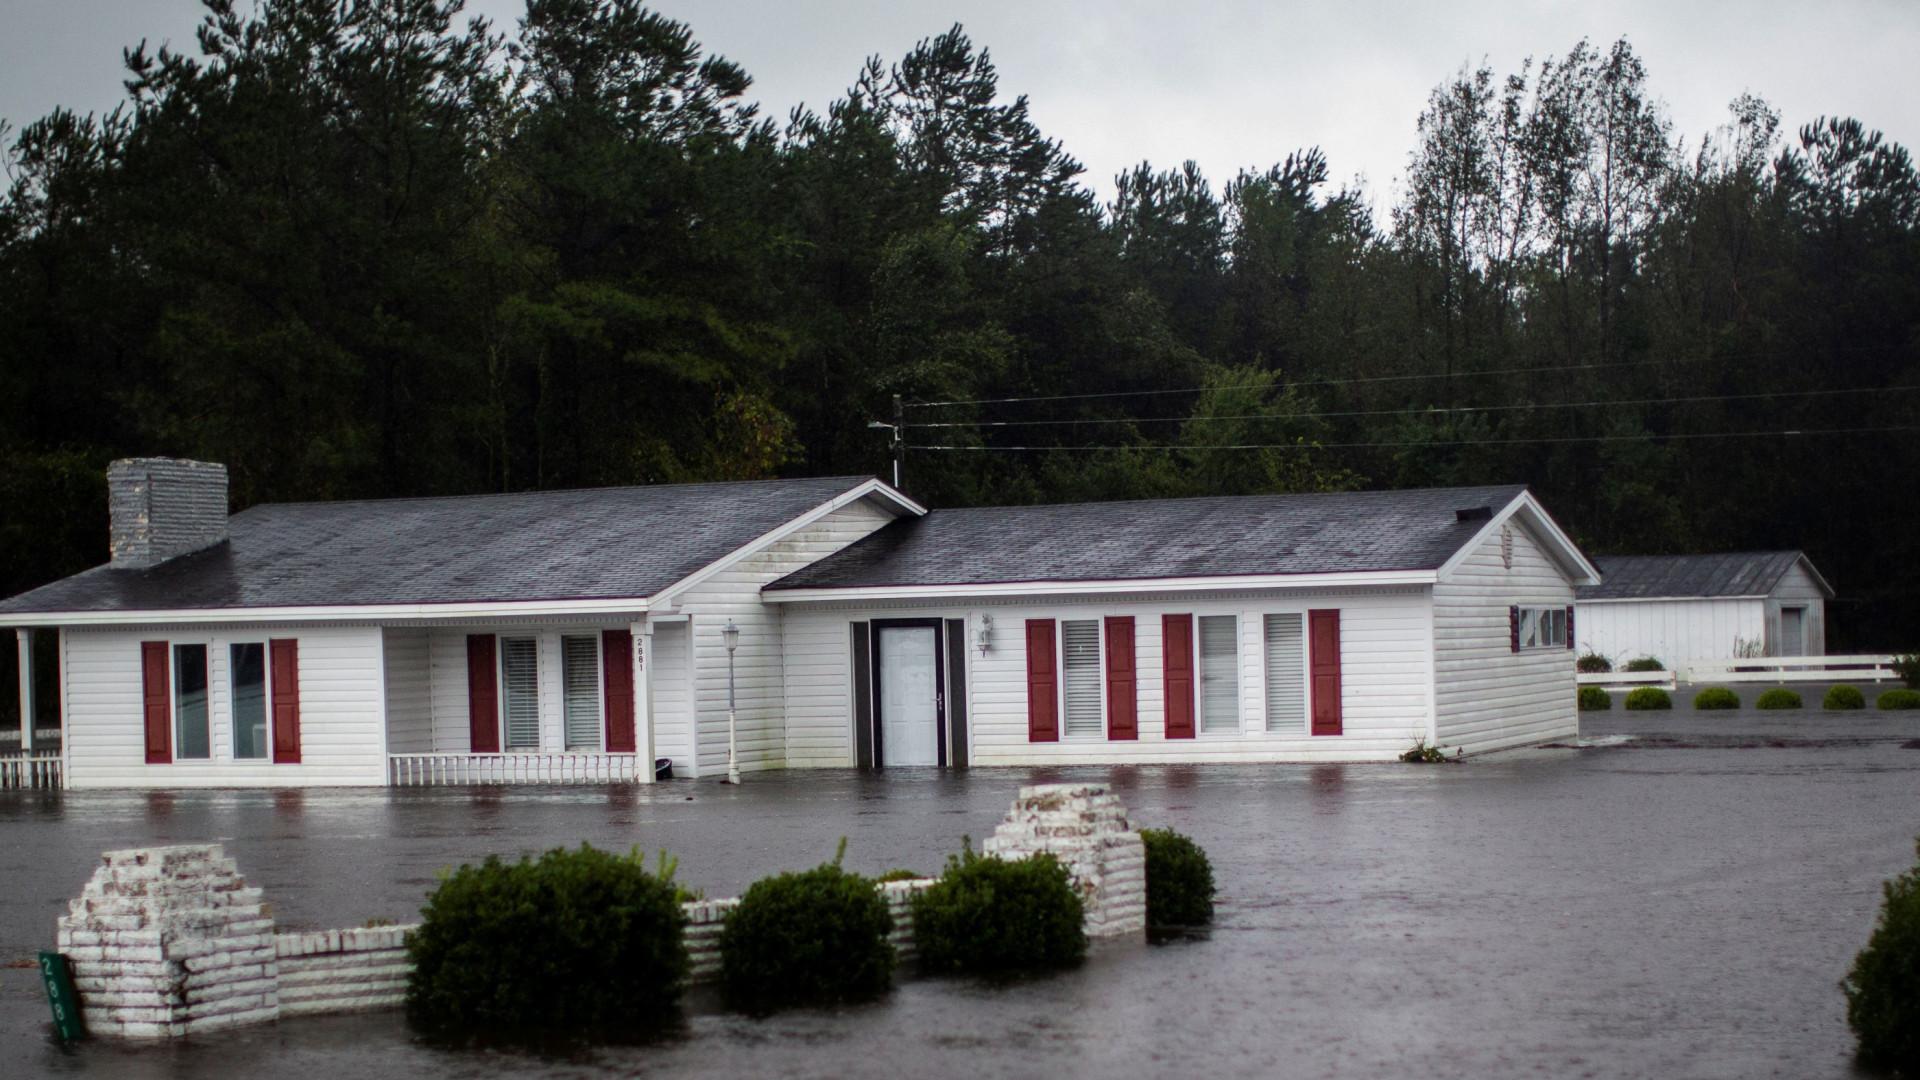 Pelo menos 13 pessoas morreram nos EUA devido à tempestade Florence